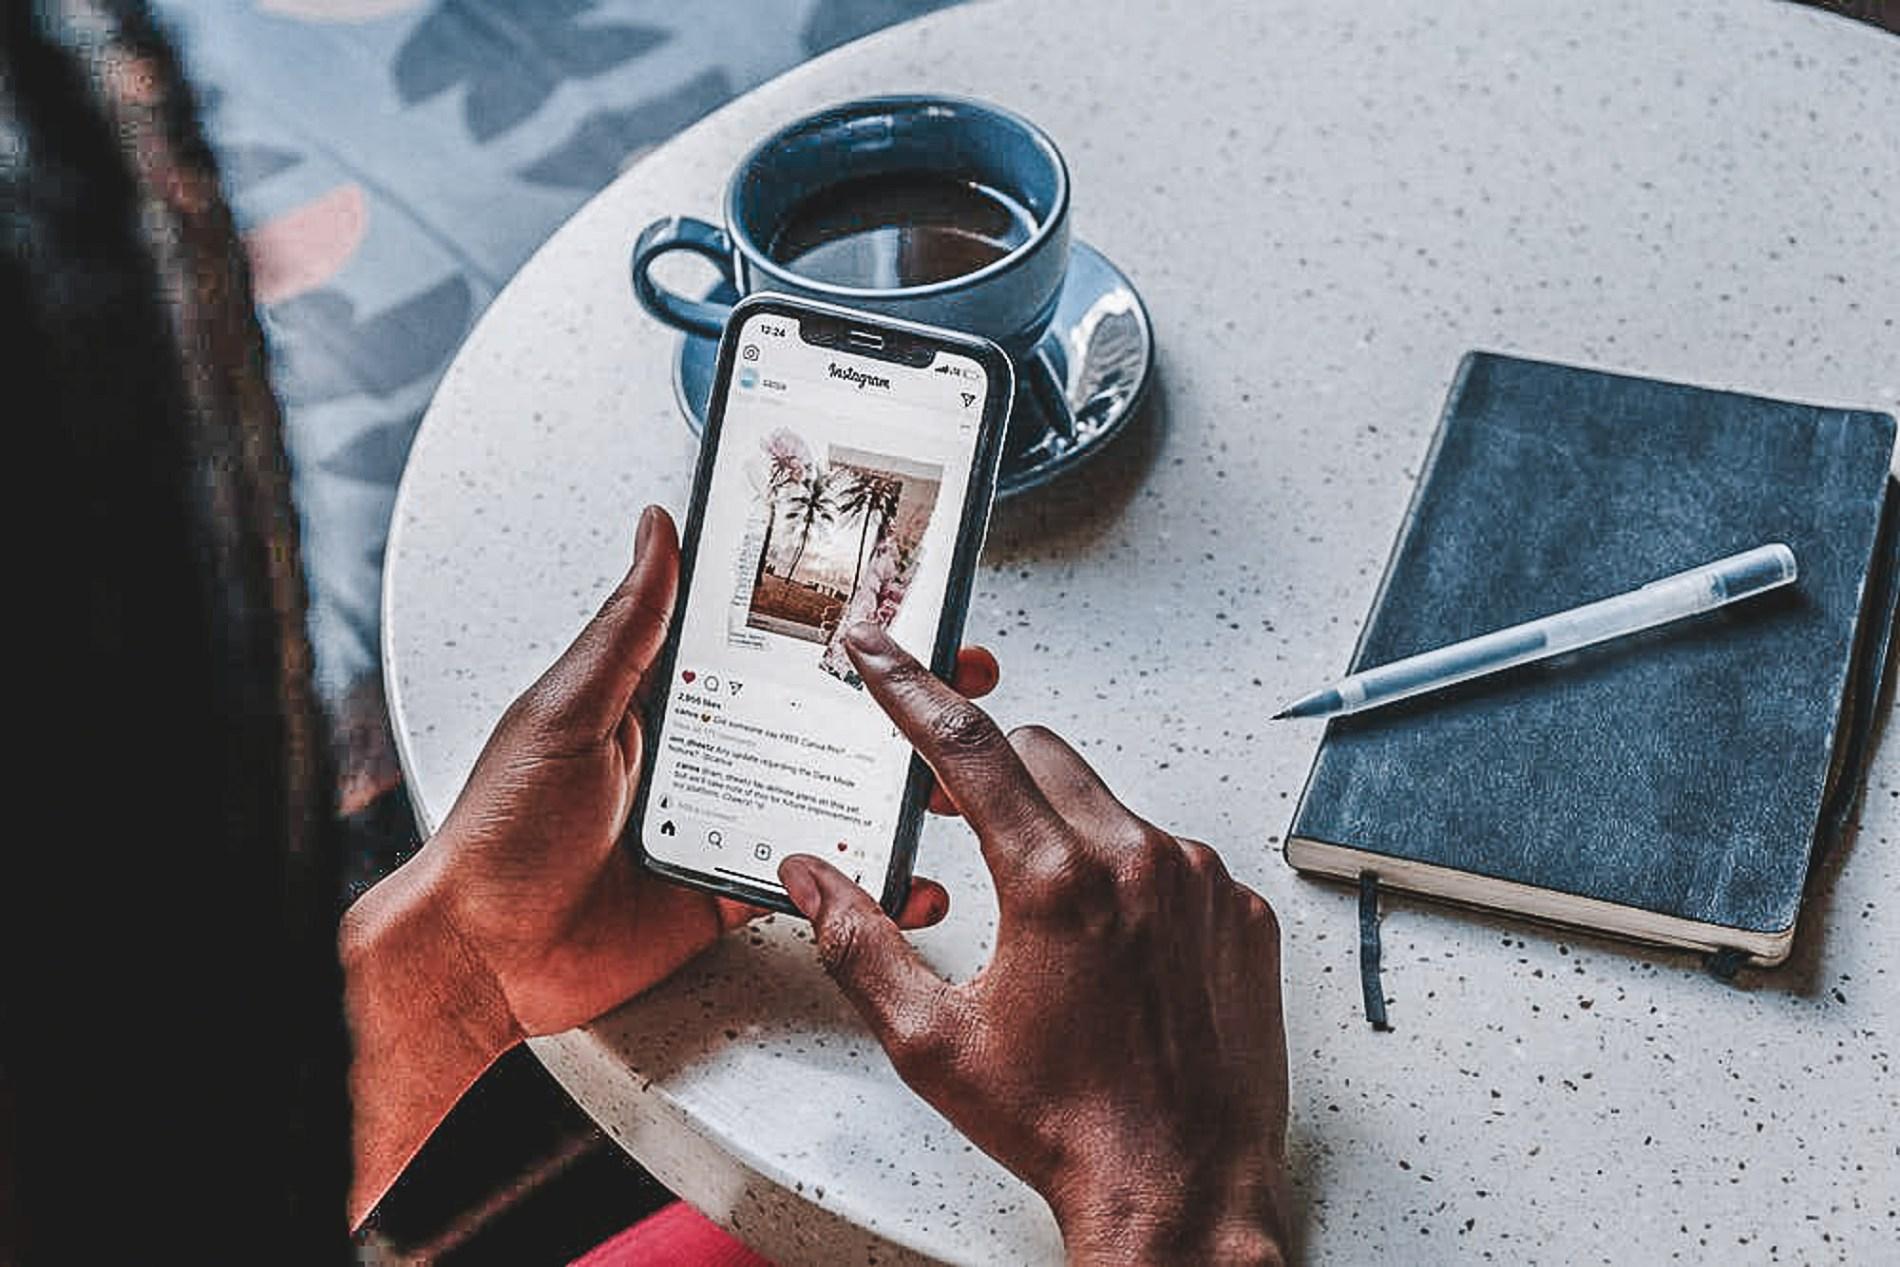 Redes sociais para planejar viagens